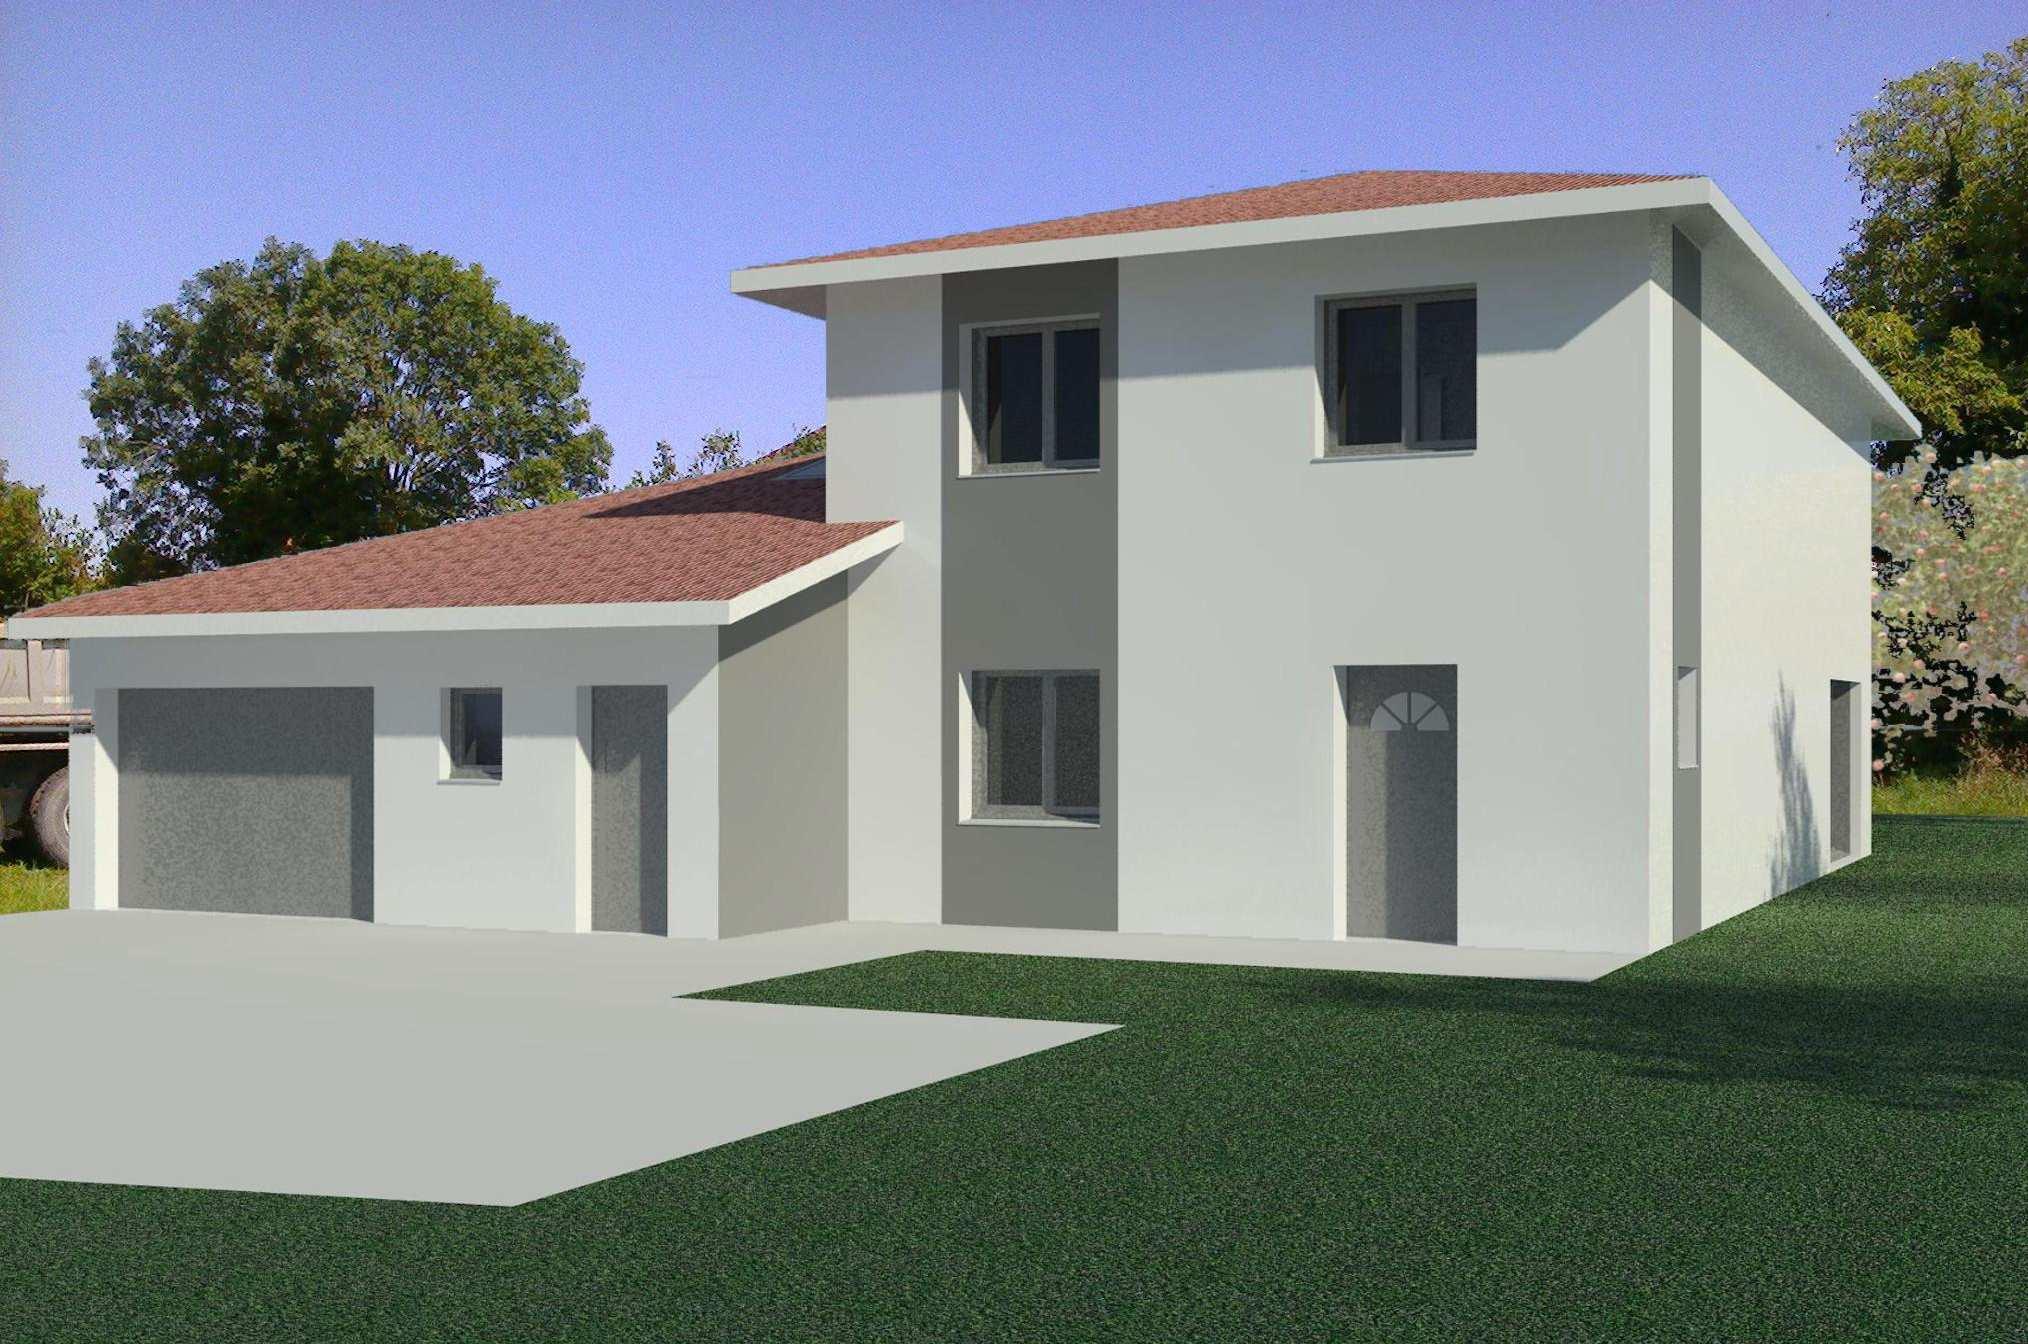 Maisons du constructeur STAR BAT • 92 m² • TOUSSIEUX